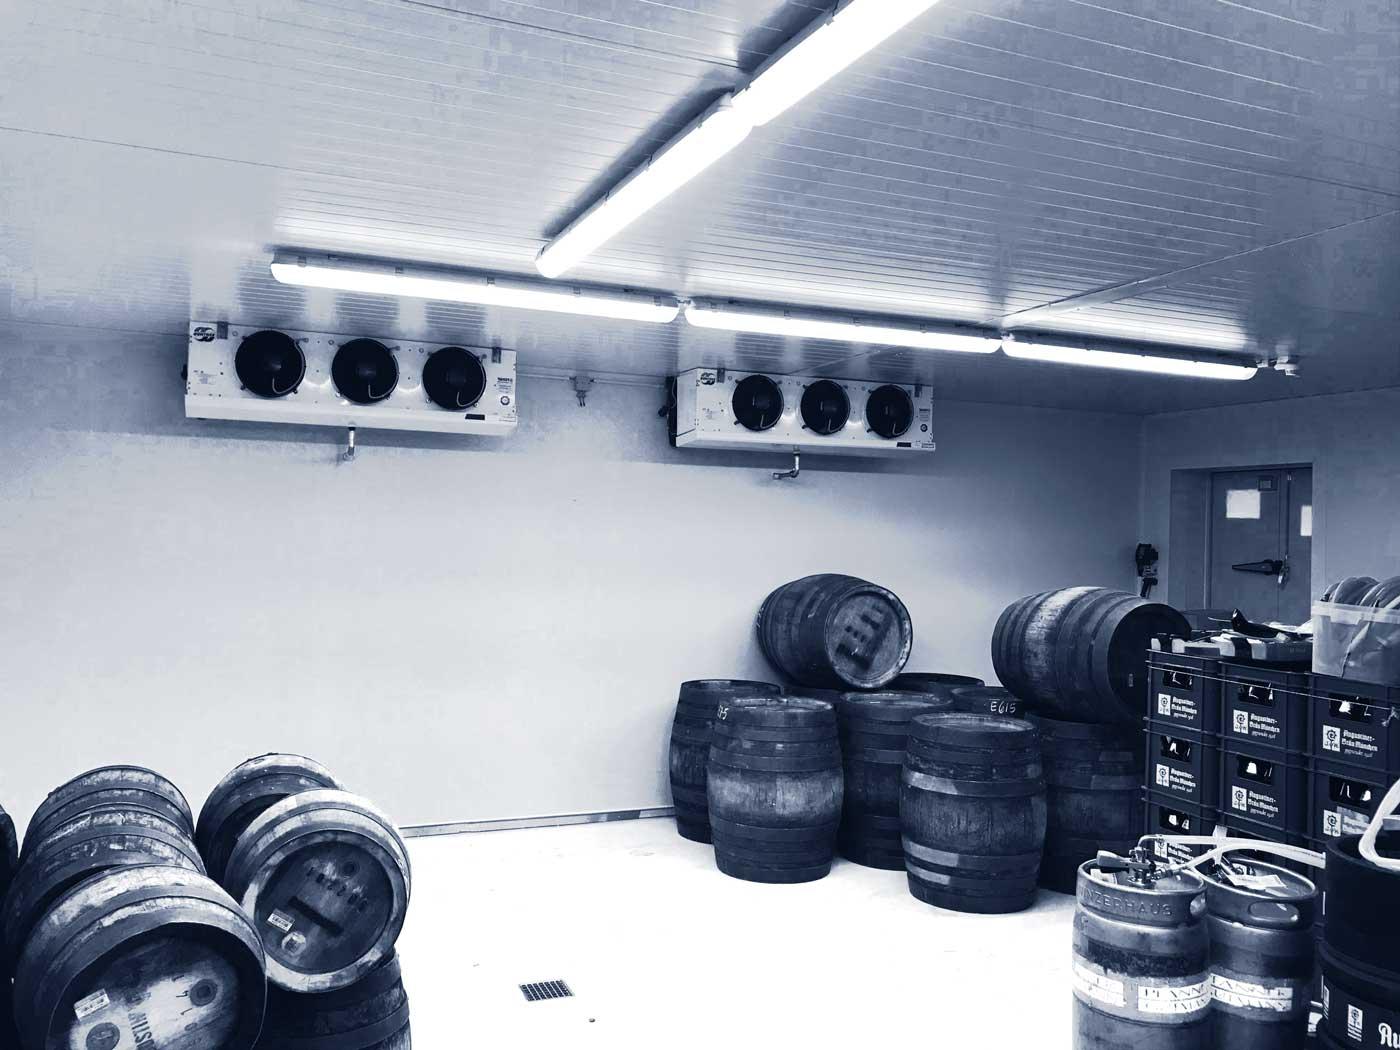 Rieger Kälte kümmert sich um Fasskühlhäuser und Lagerkühlung für Gastronomie und Industrie.